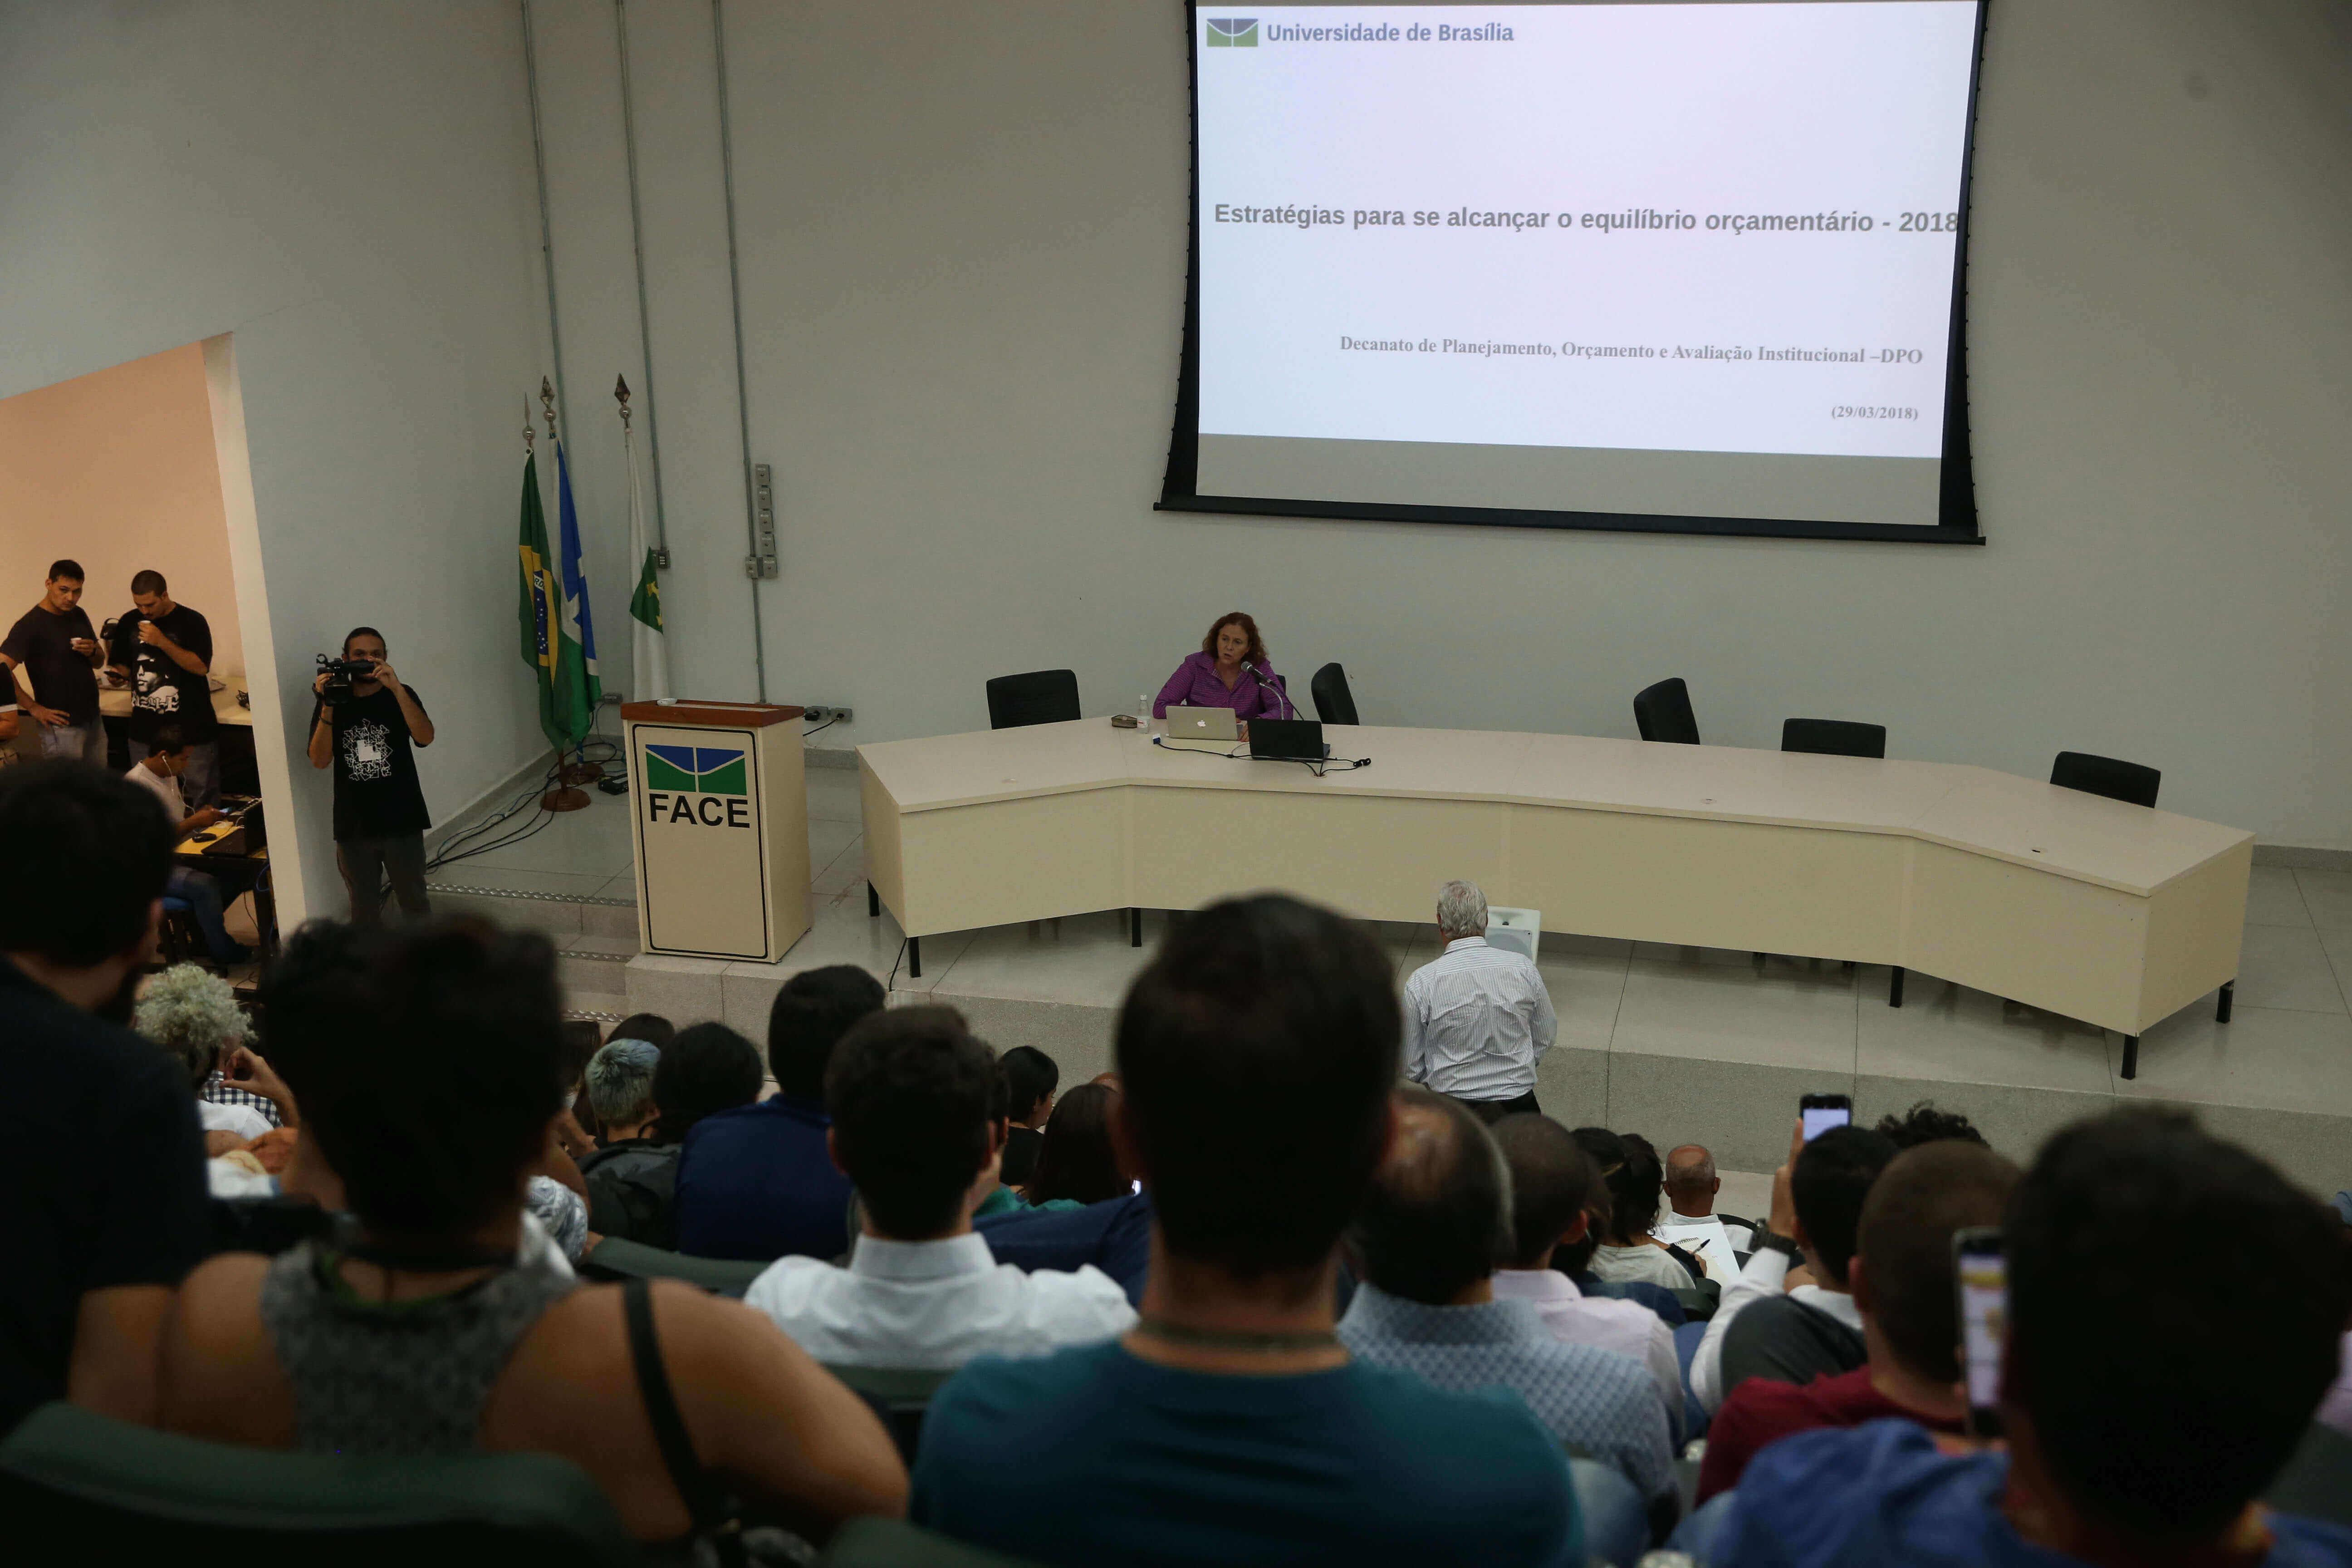 Foto: agenciabrasil.ebc.com.br